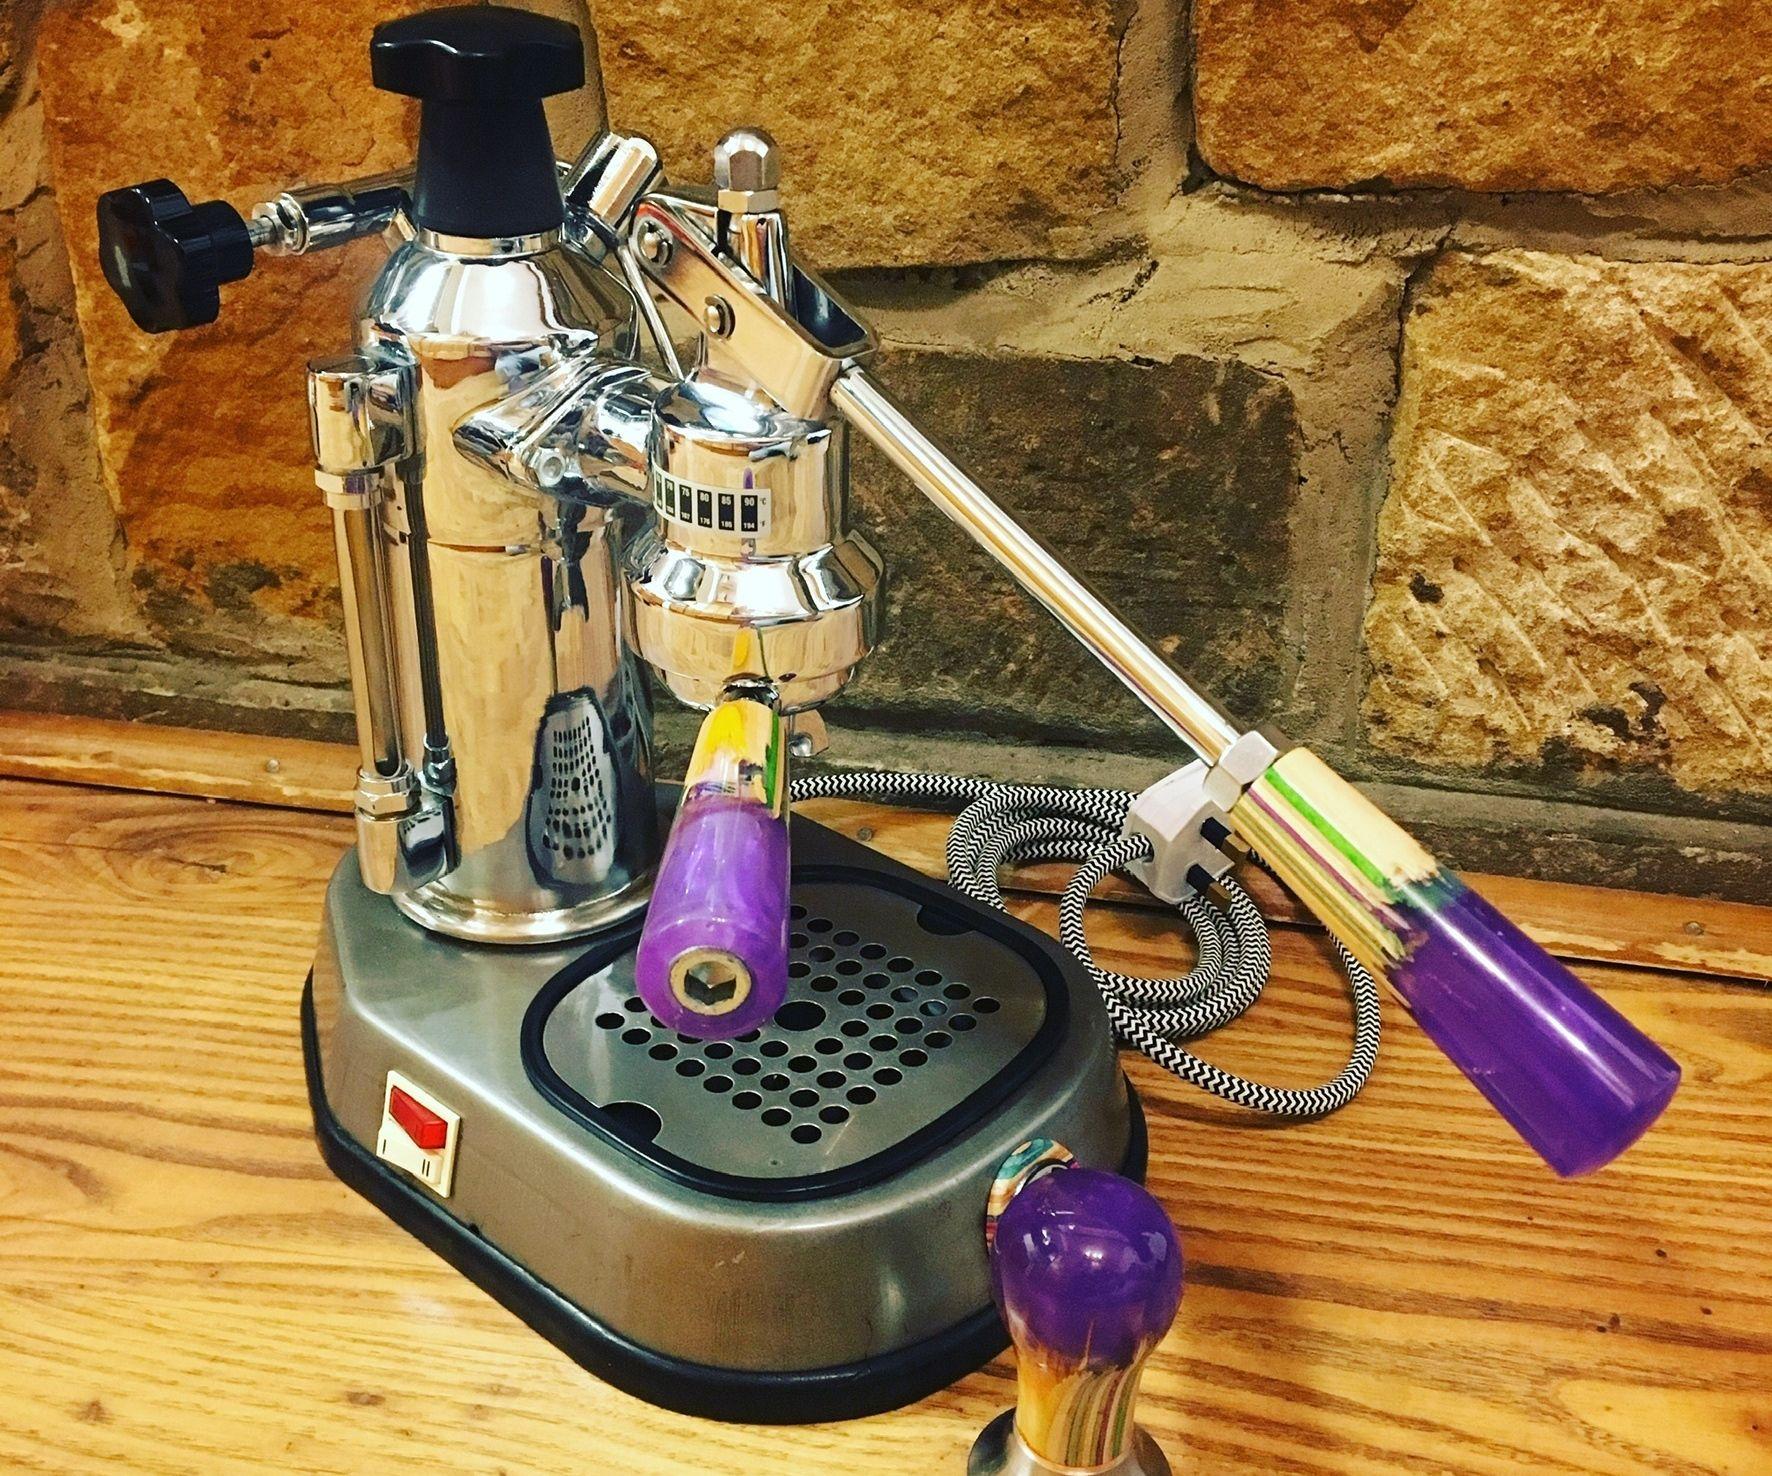 Vintage Coffee Machine Restoration